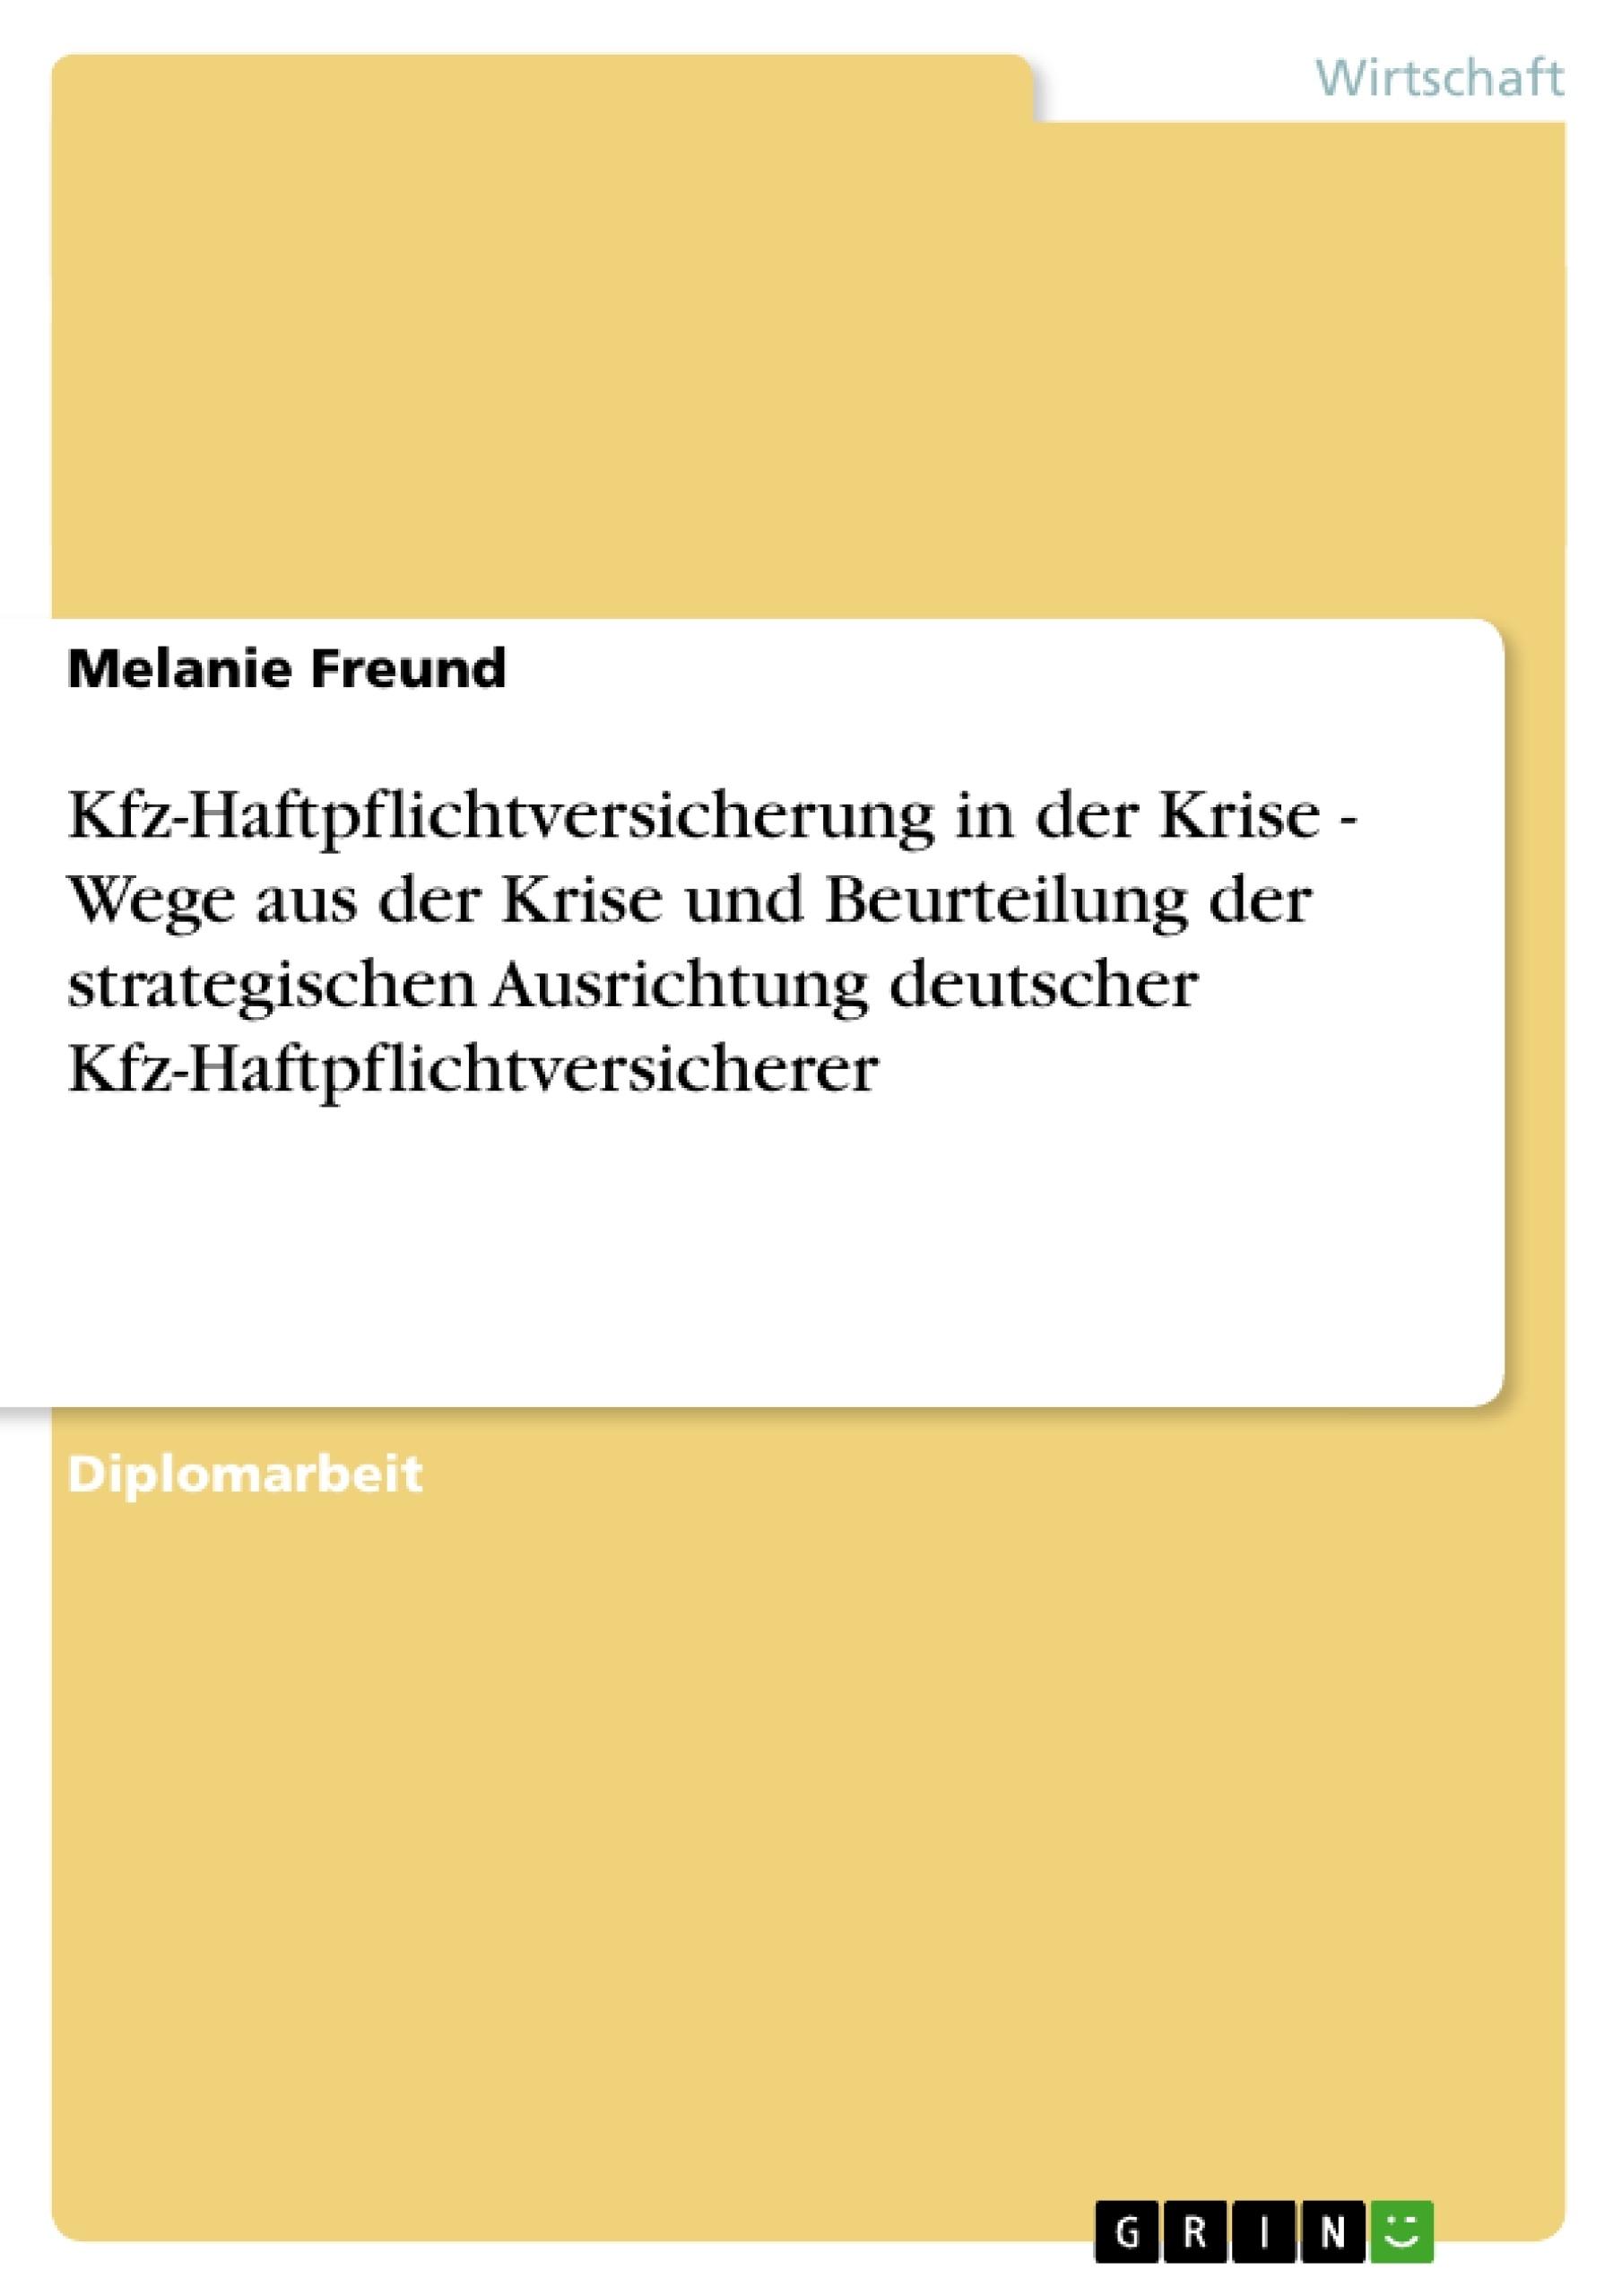 Titel: Kfz-Haftpflichtversicherung in der Krise - Wege aus der Krise und Beurteilung der strategischen Ausrichtung deutscher Kfz-Haftpflichtversicherer